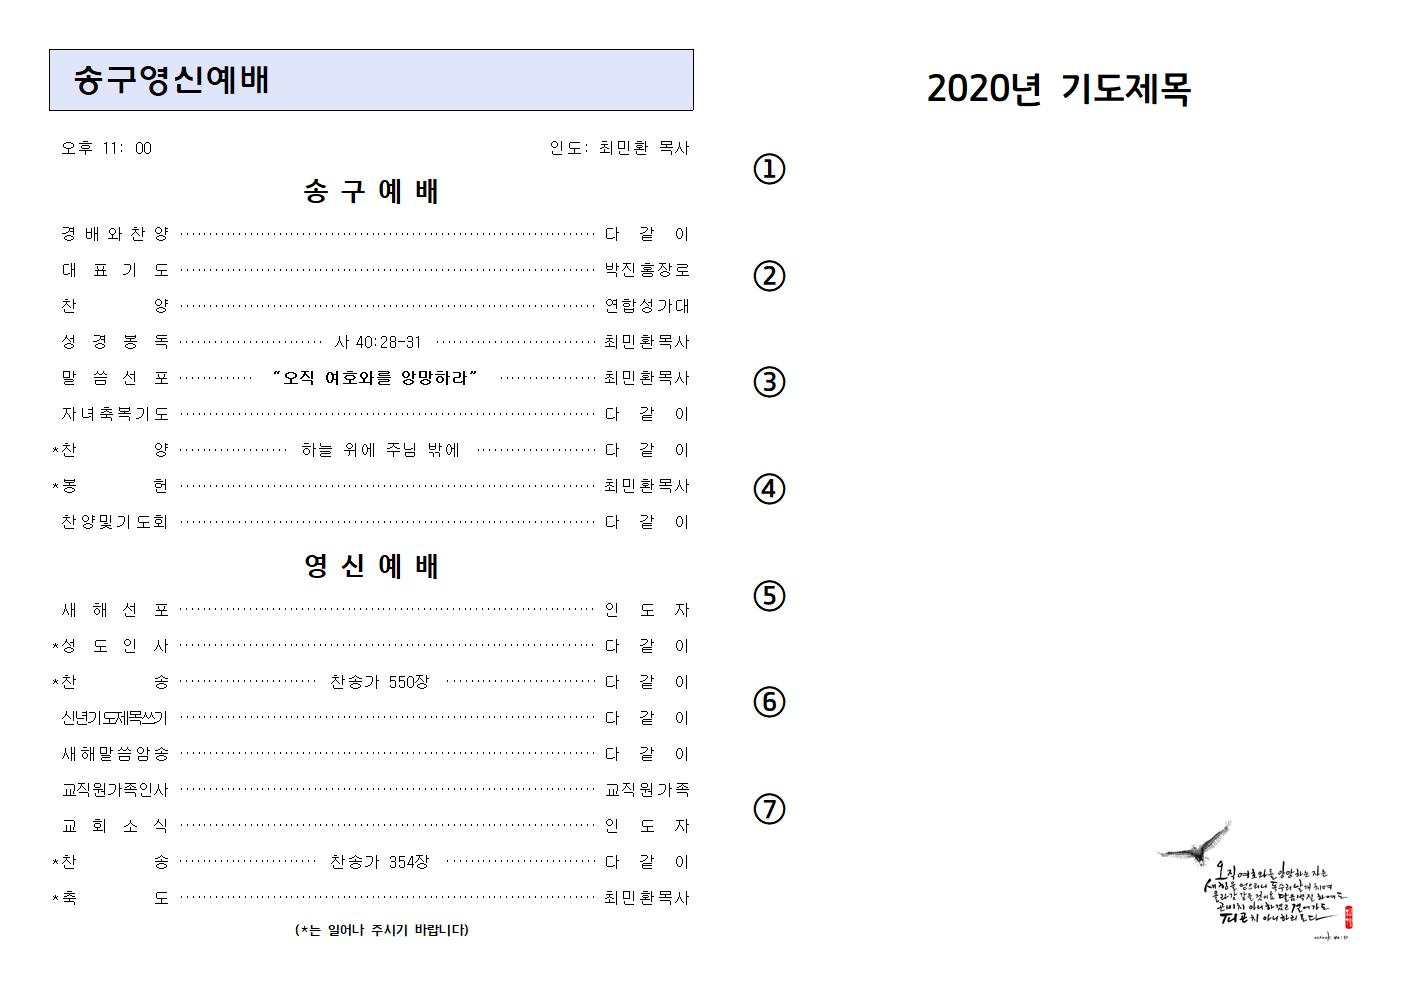 2019-12-31 송구영신예배 주보001.png